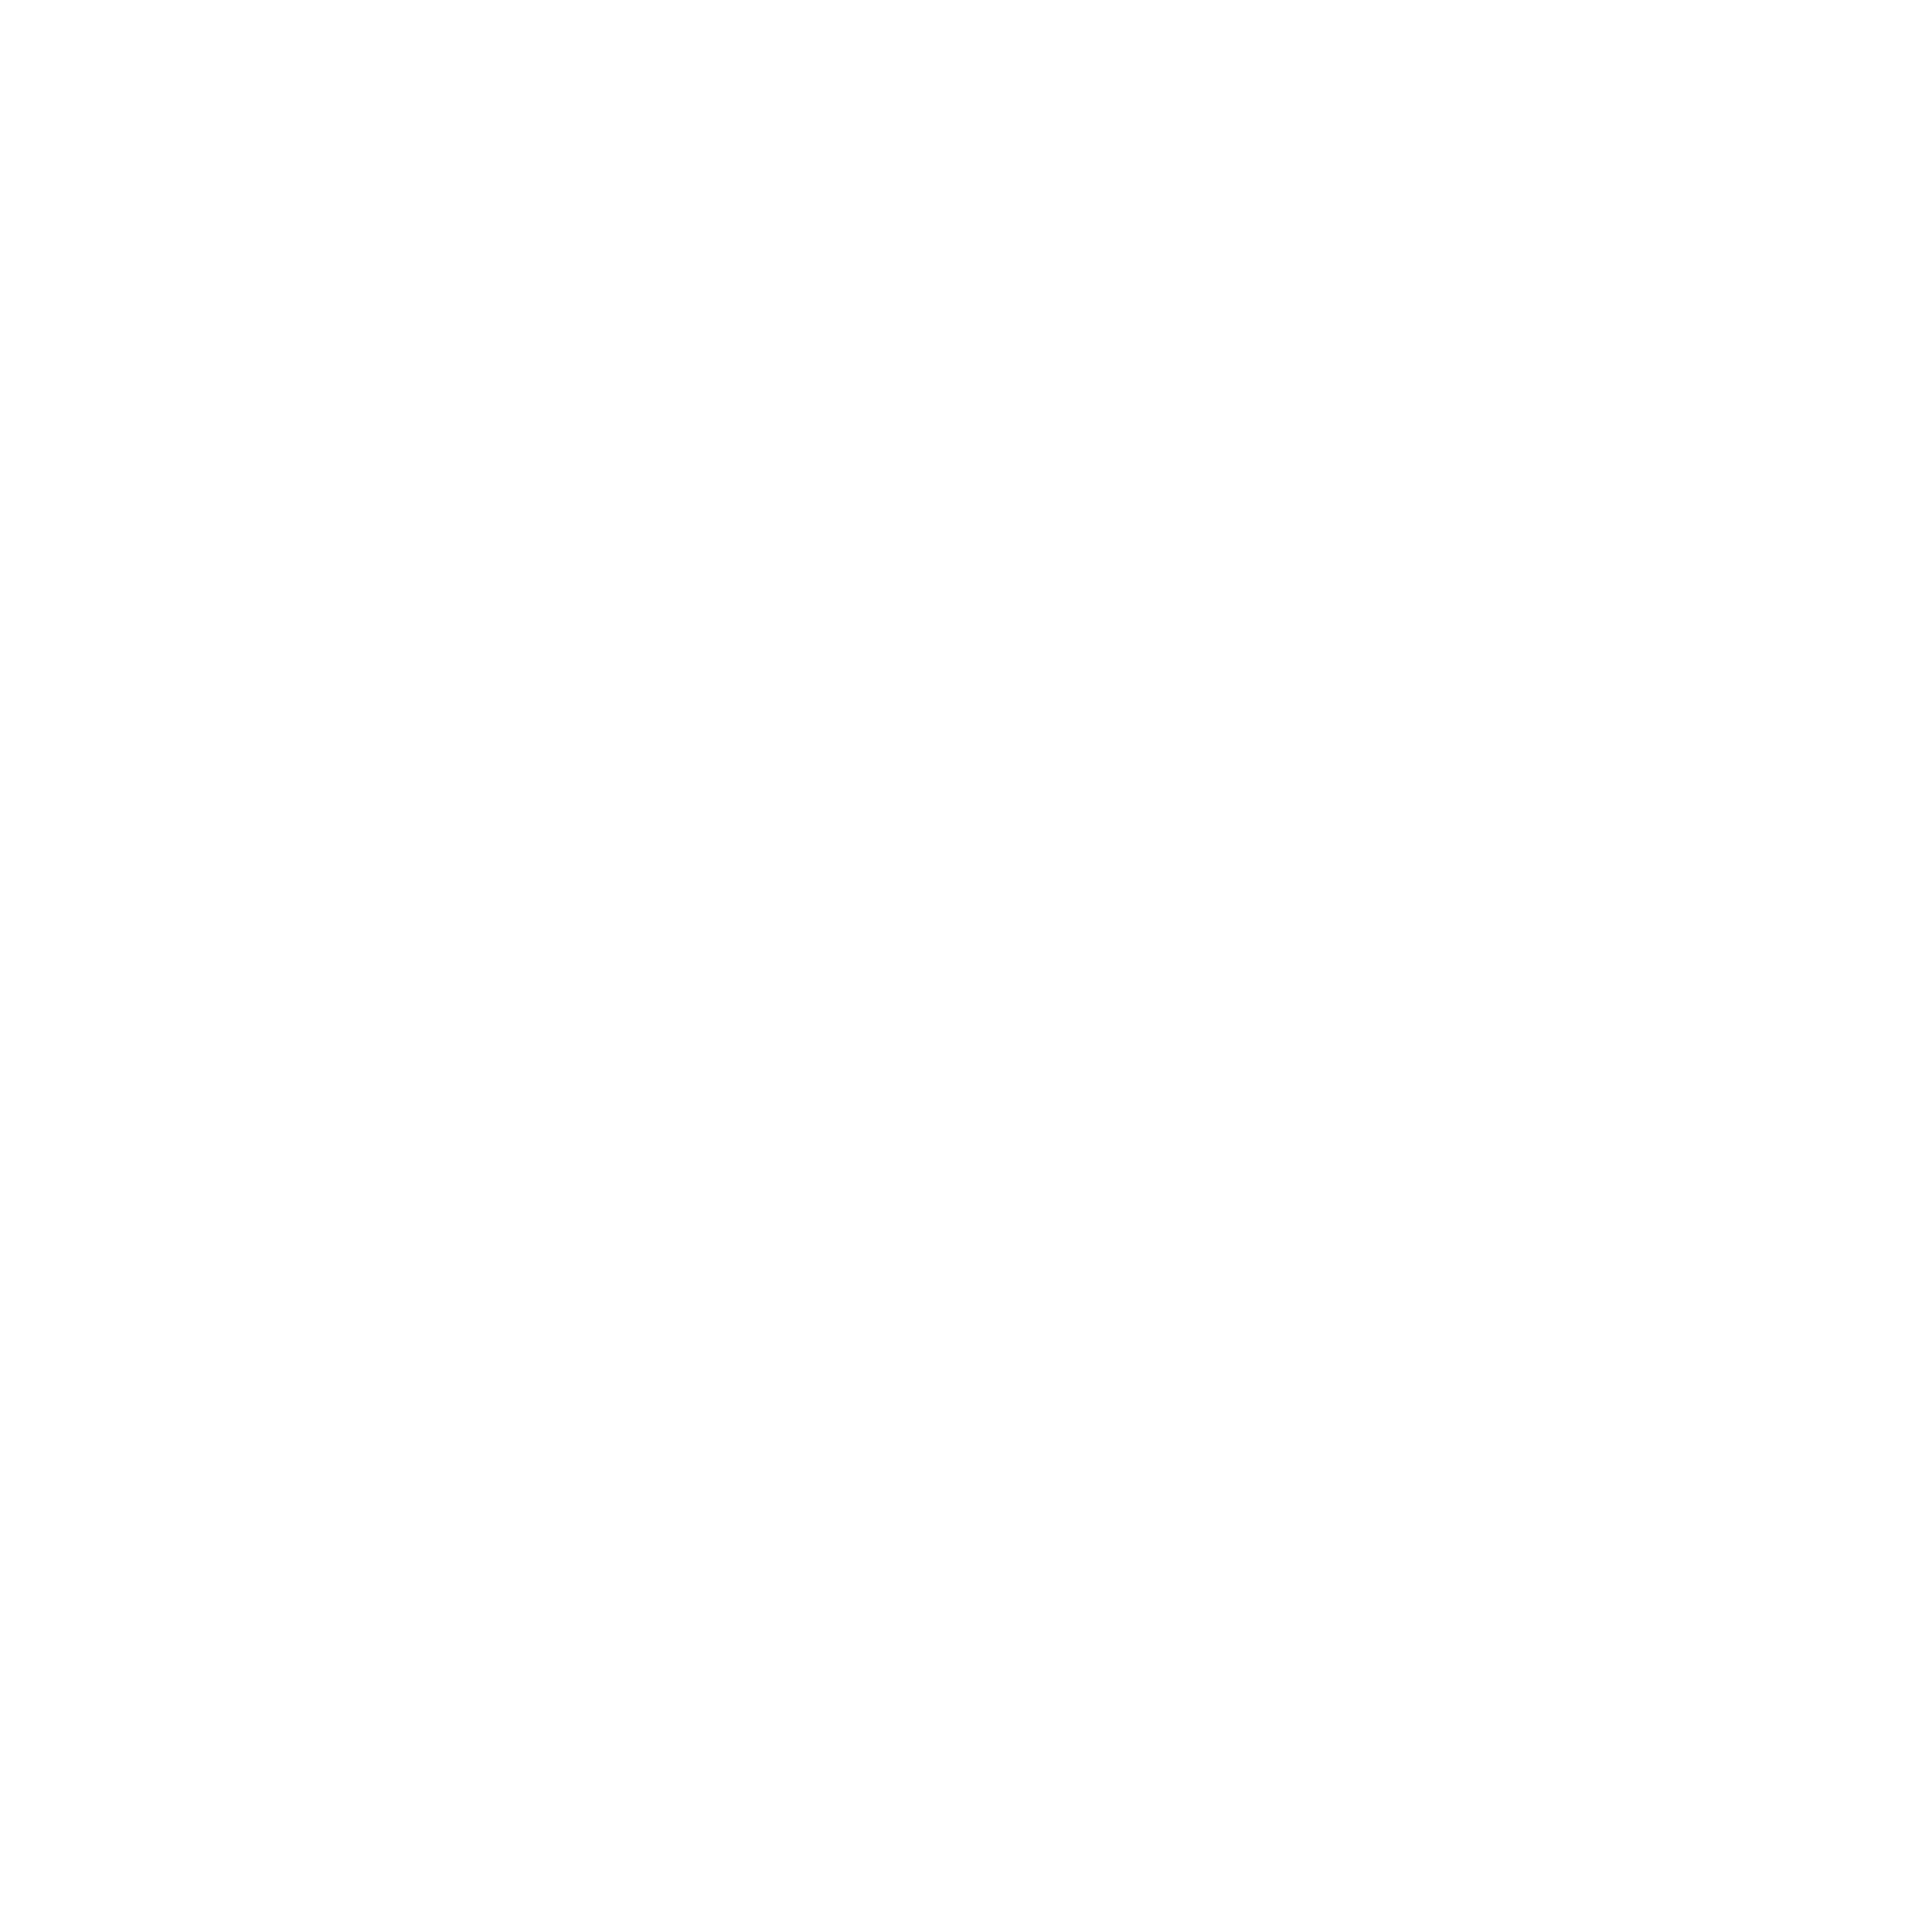 De Lochtenberg